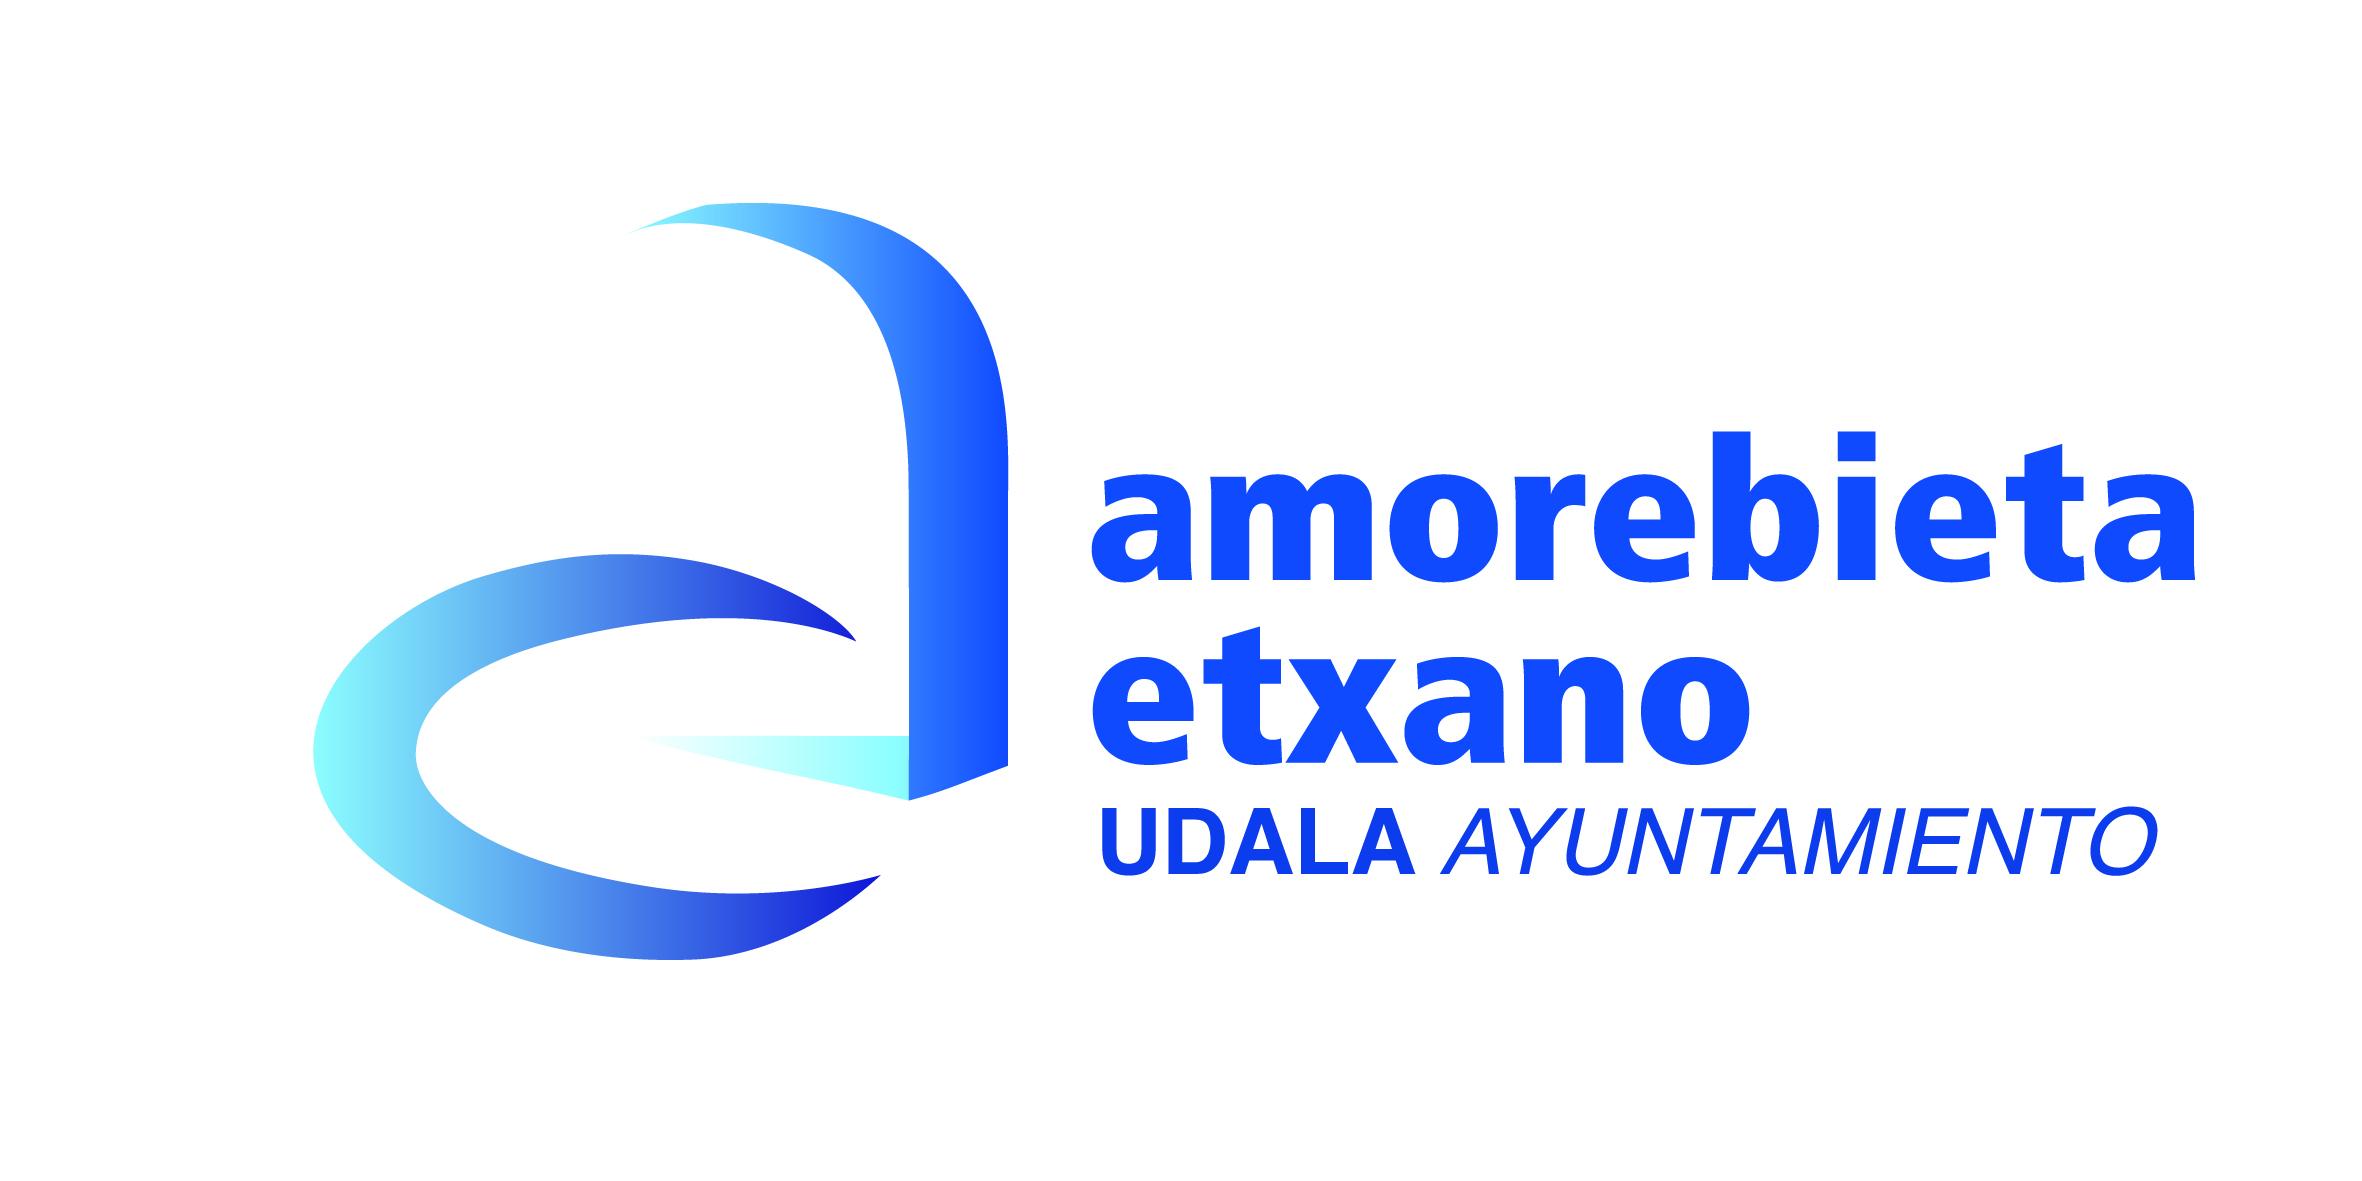 Amorebieta Etxano - Marca Ciudad